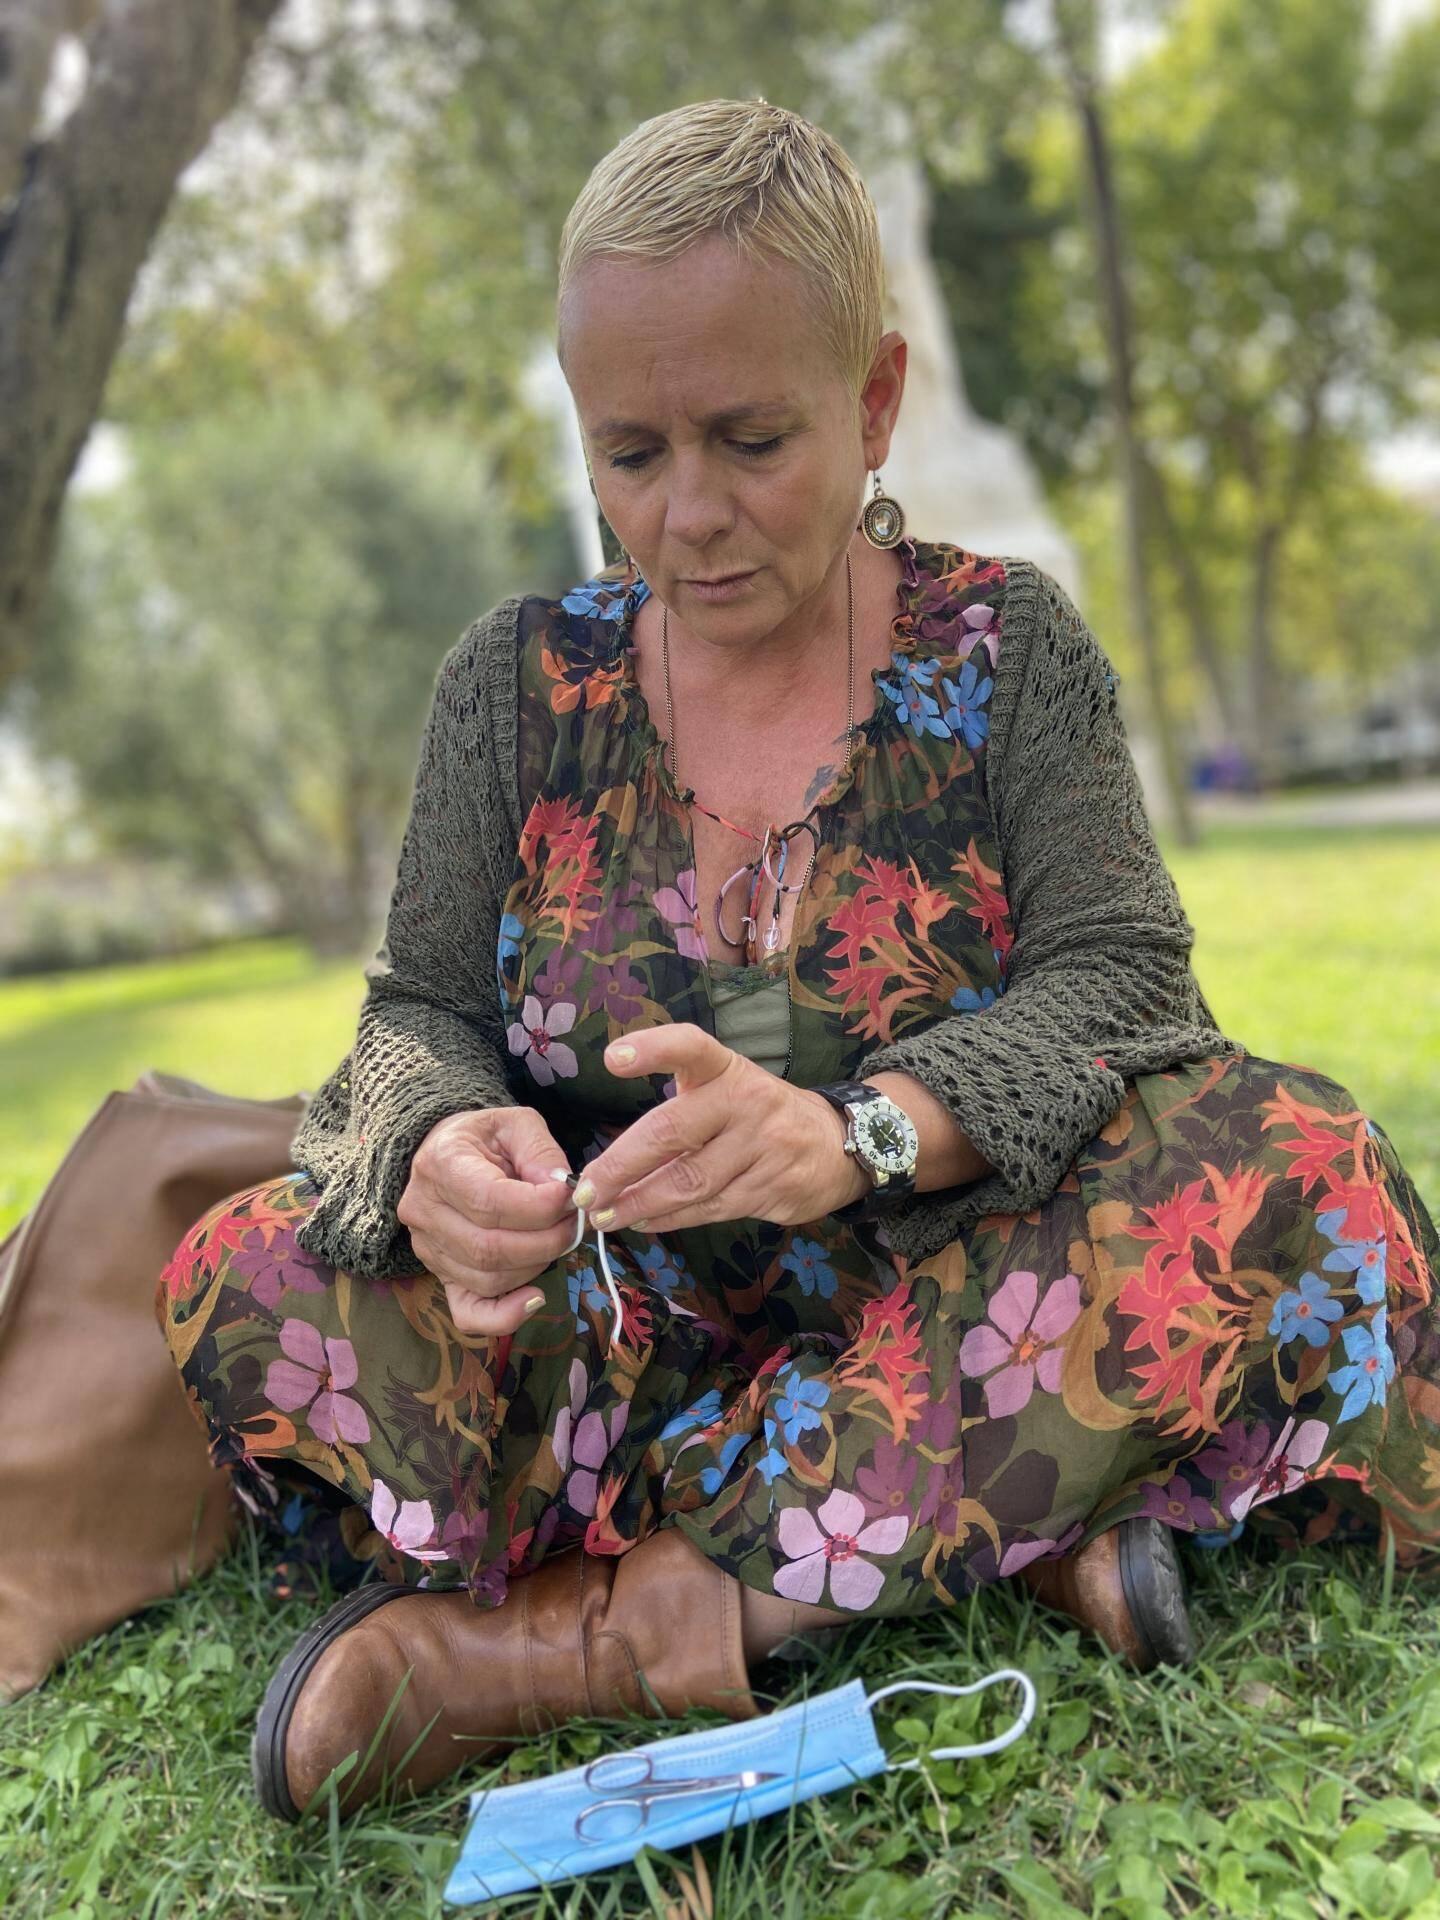 Catherine Argiolas fabrique de jolis bracelets avec les élastiques des masques.